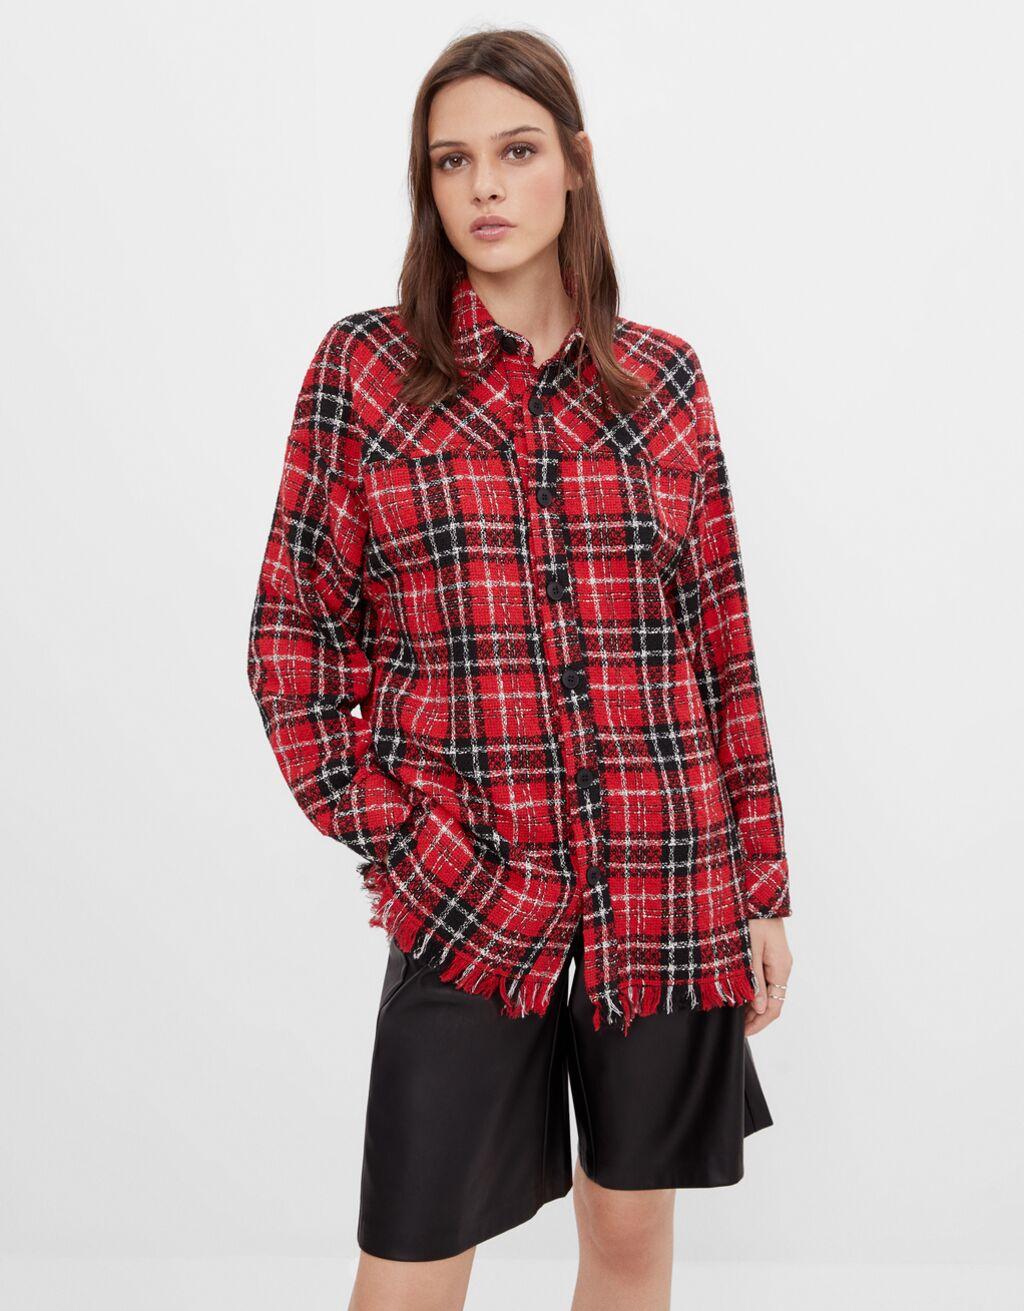 giacca-camicia bershka